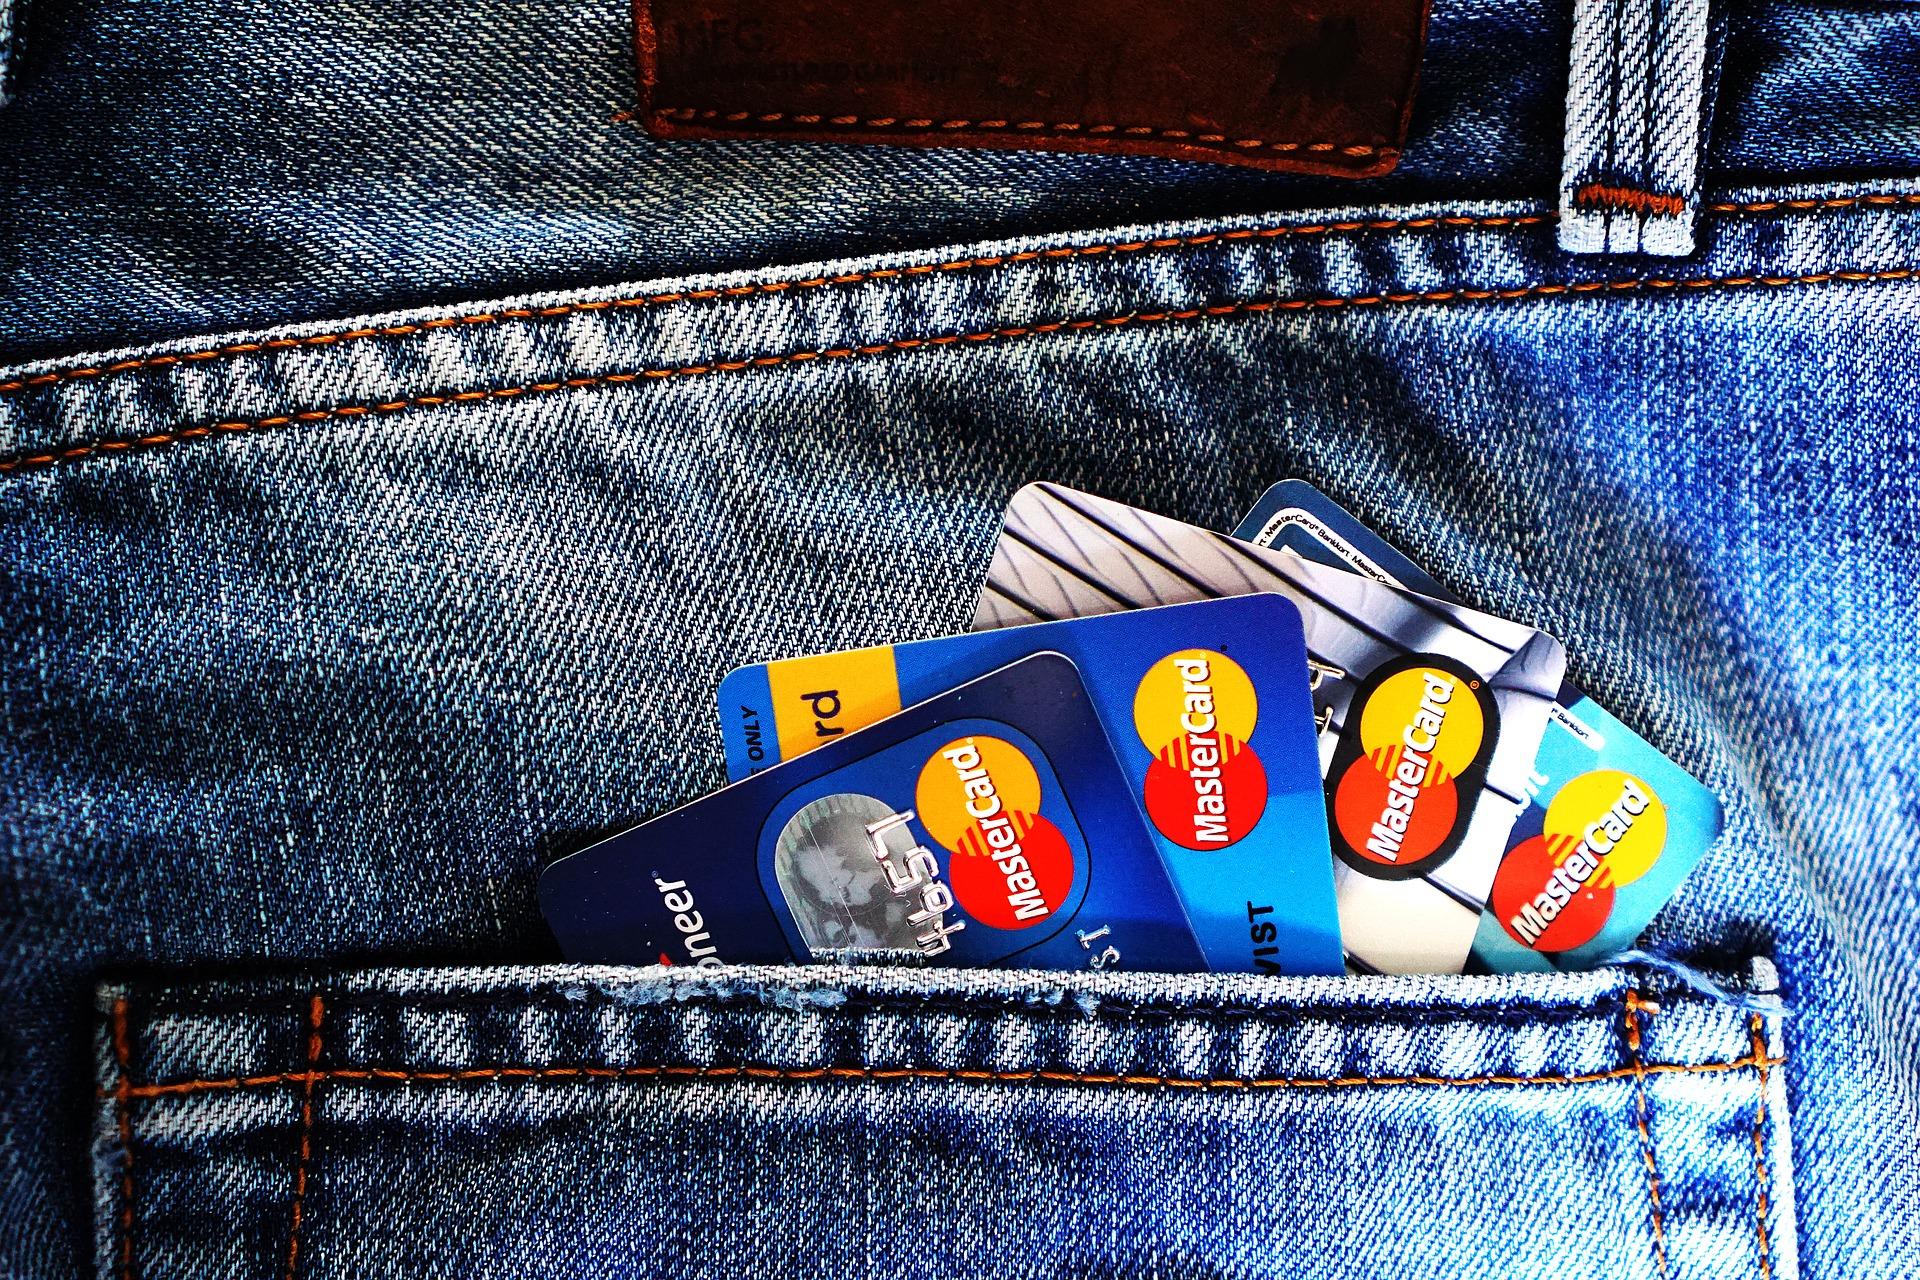 Dati positivi sull'e-payment e sulla fattura elettronica.